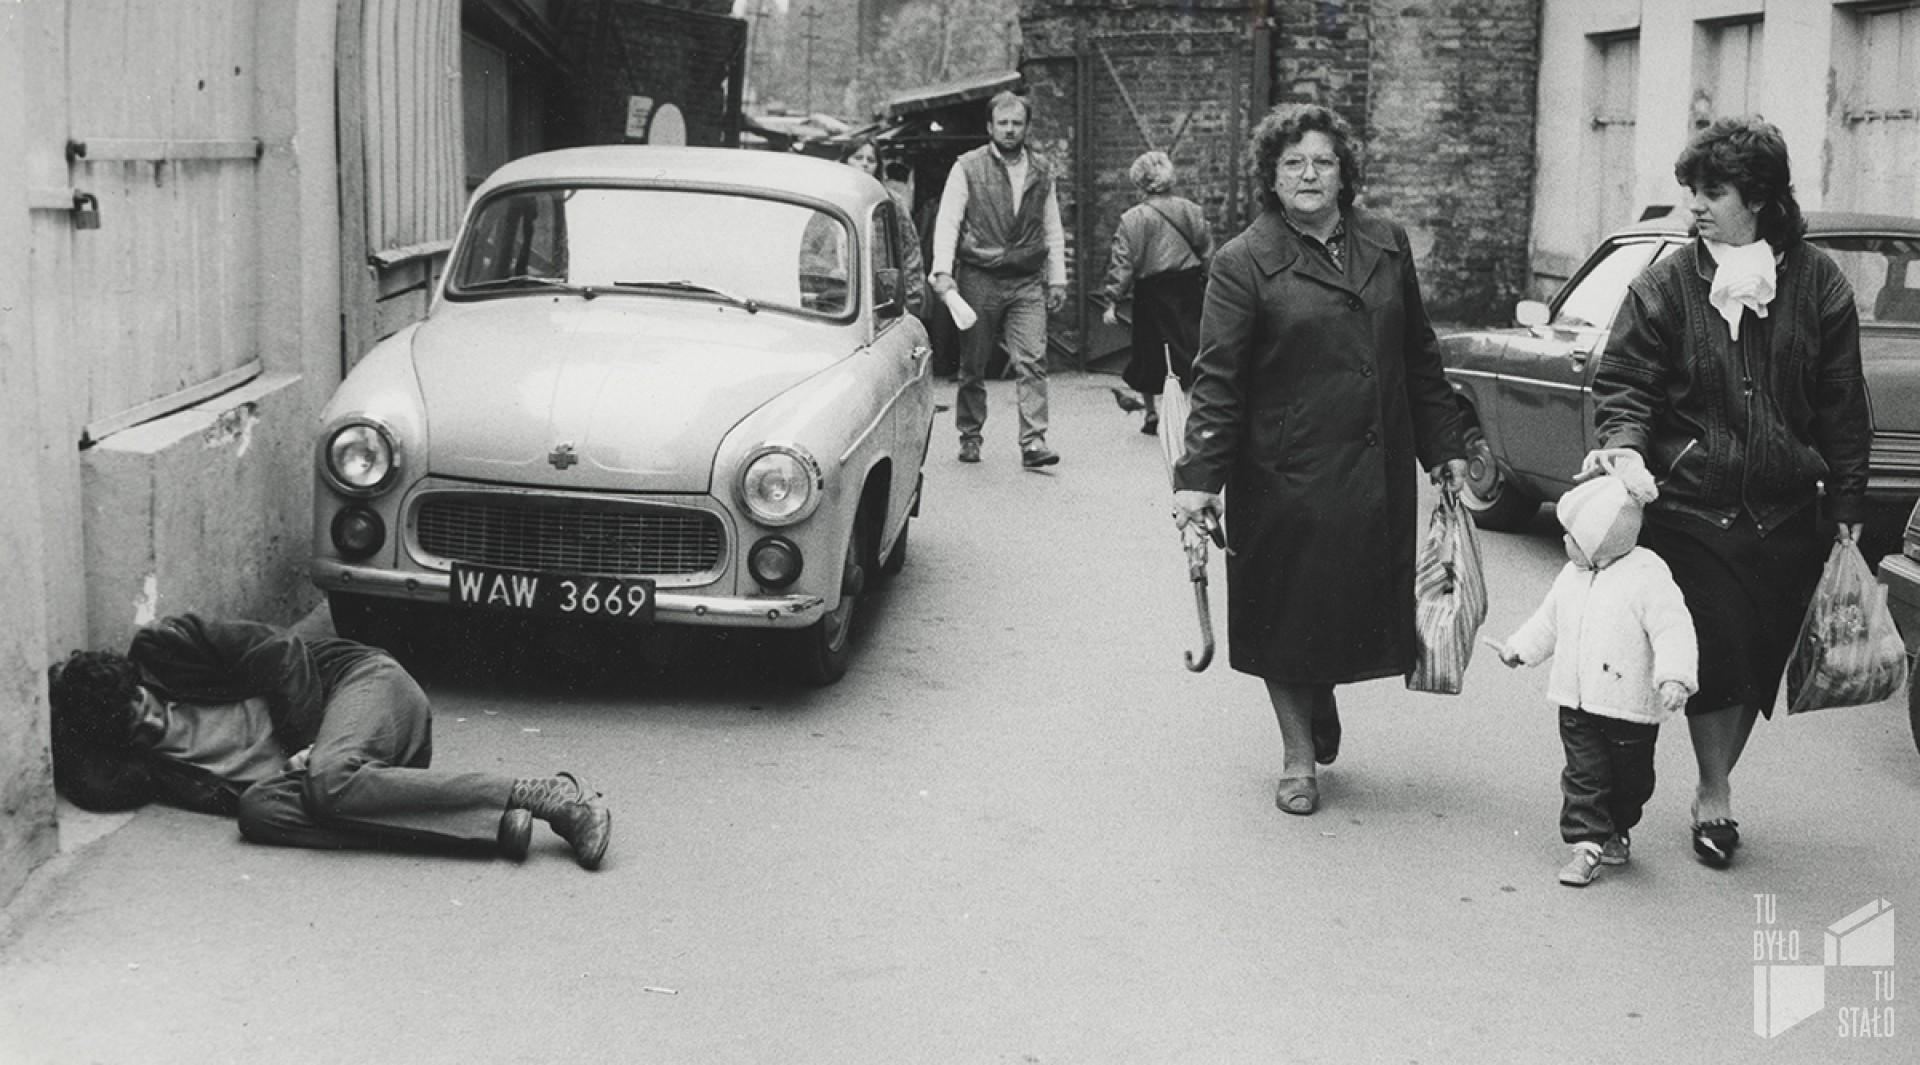 Fot. Jan Skaryski / Społeczne Archiwum Warszawy, lata 80.